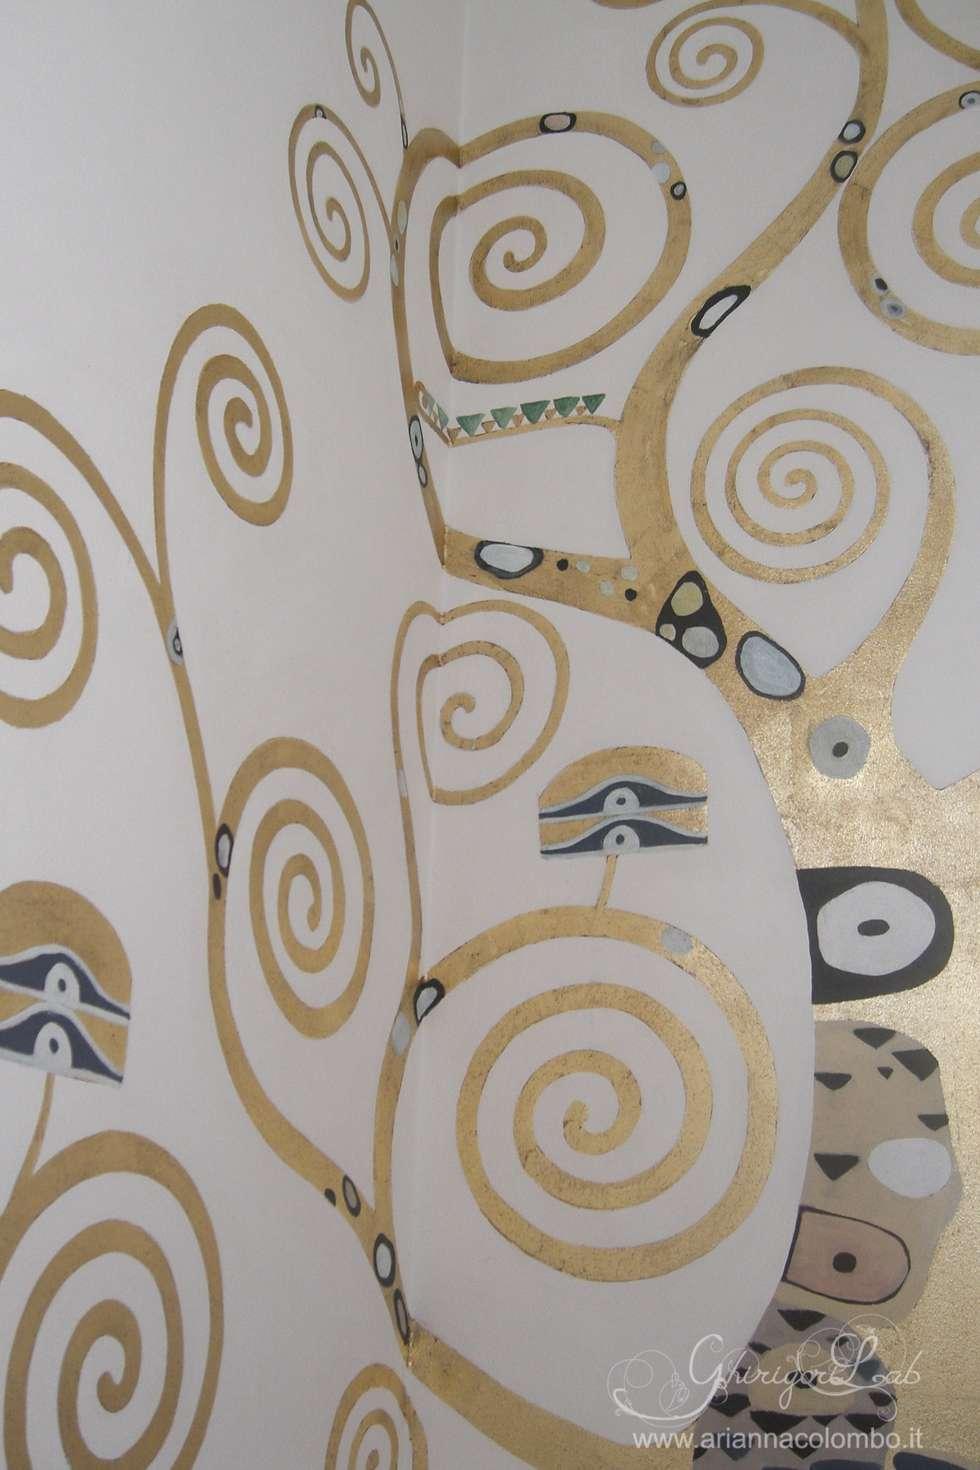 Albero della vita di klimt su parete scala ingresso - Albero su parete ...